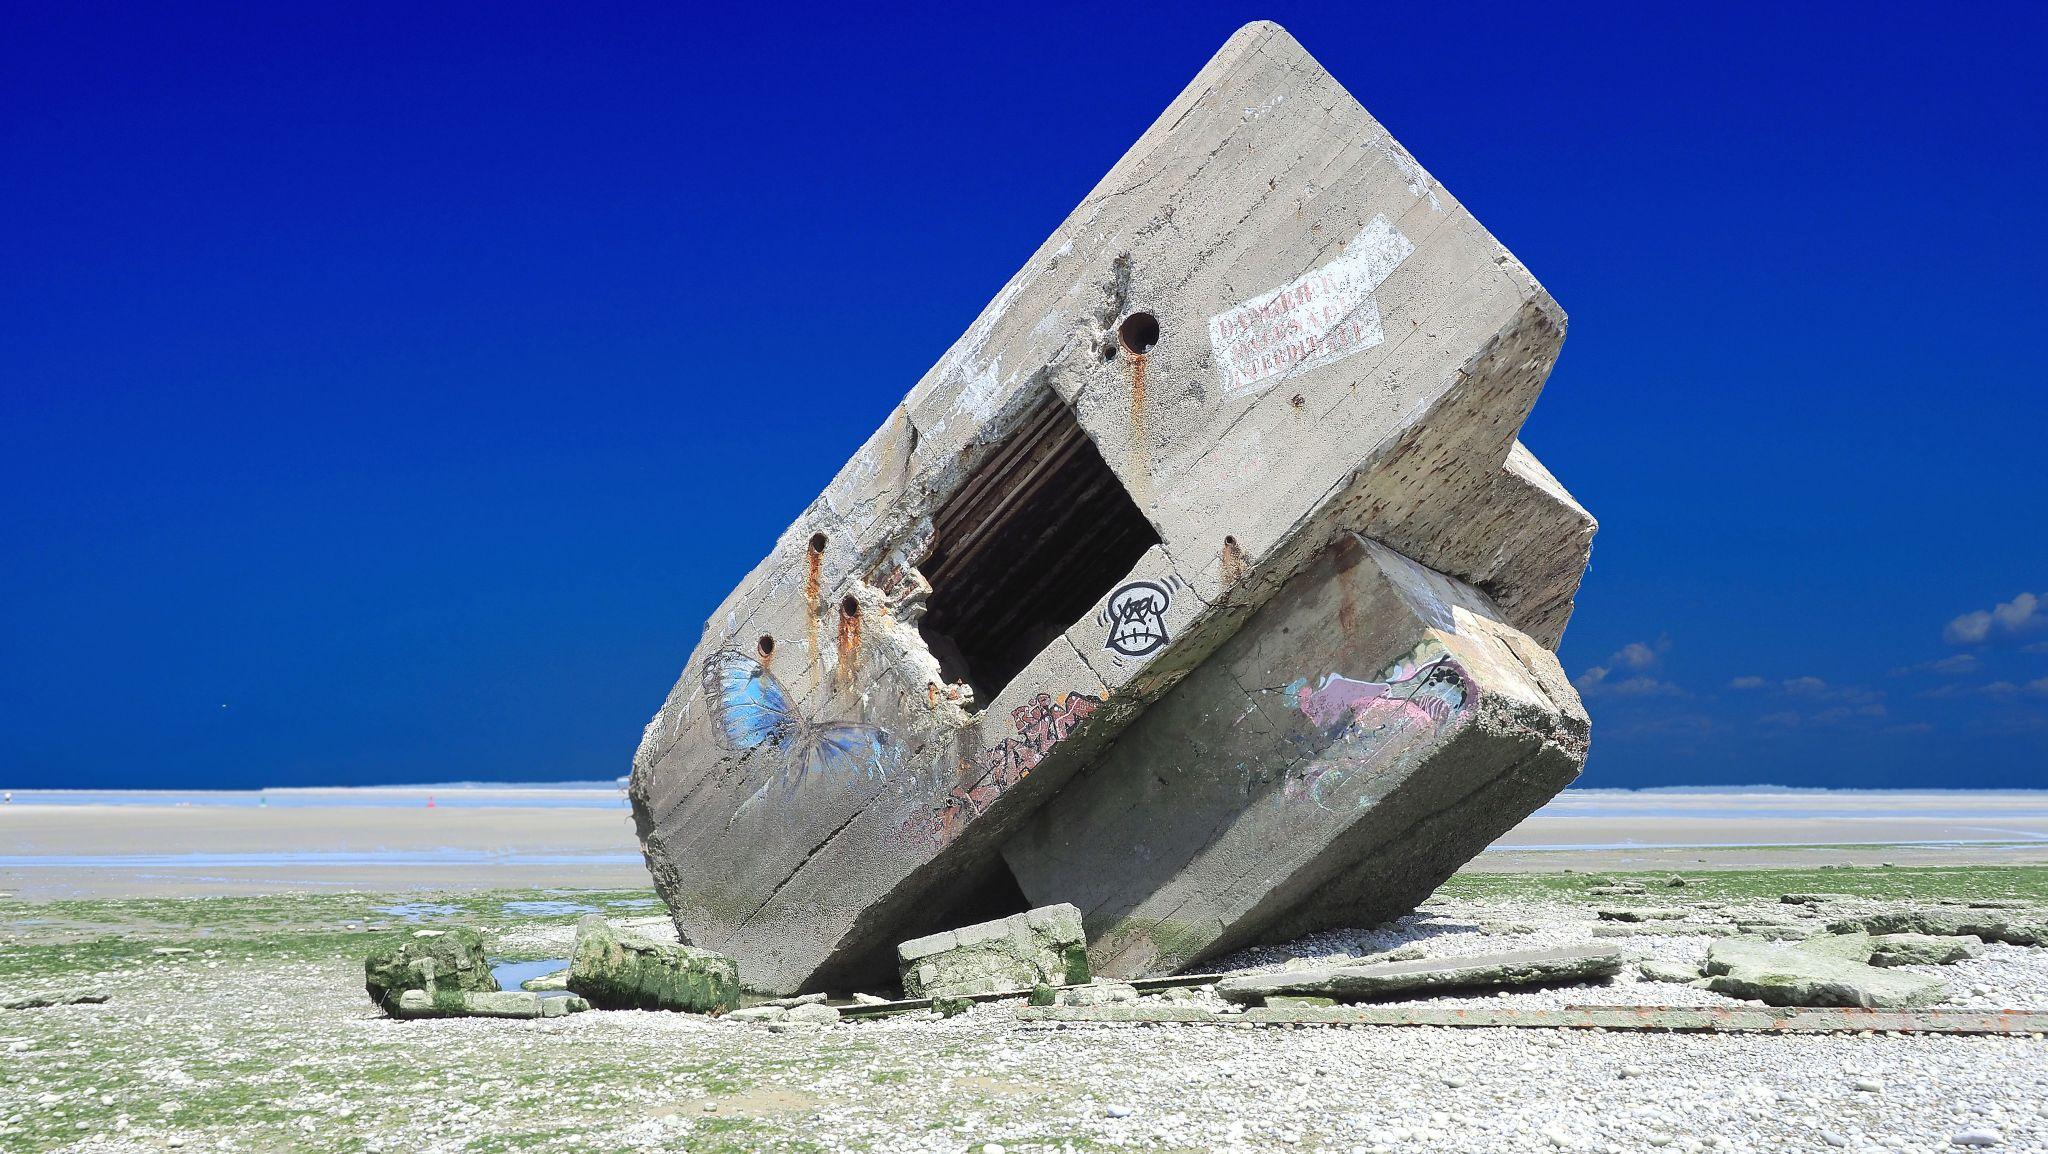 Der Bunker von Hourdel, France